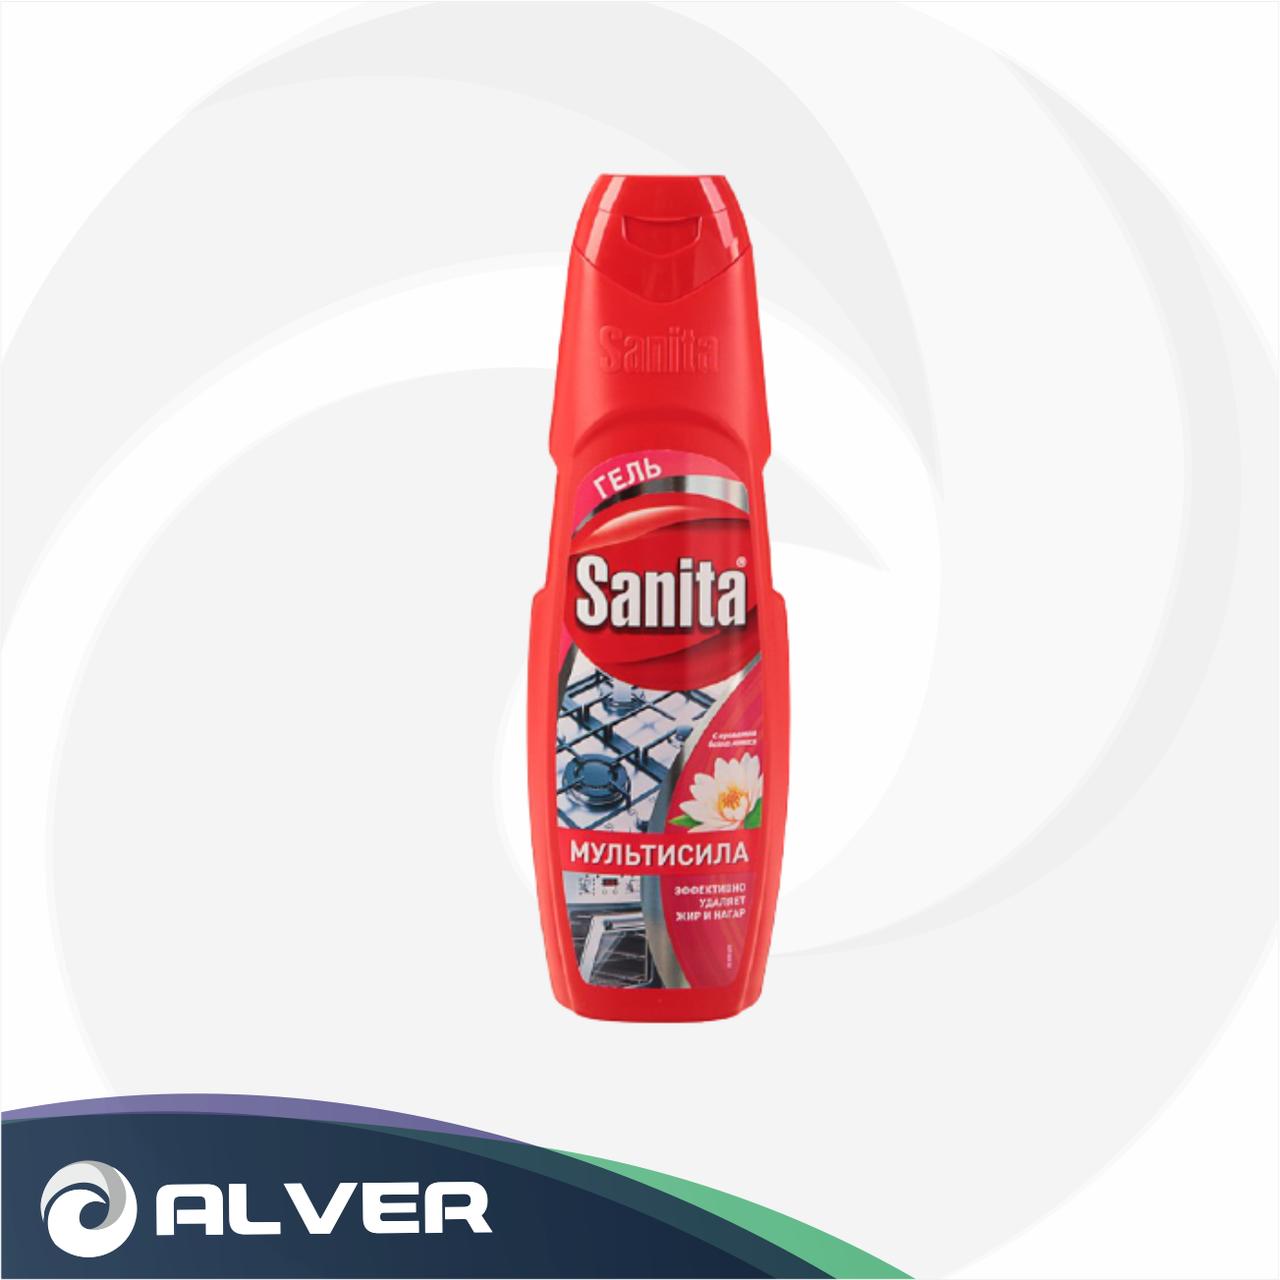 Антижир гель Sanita мультисила 500г (Красный)